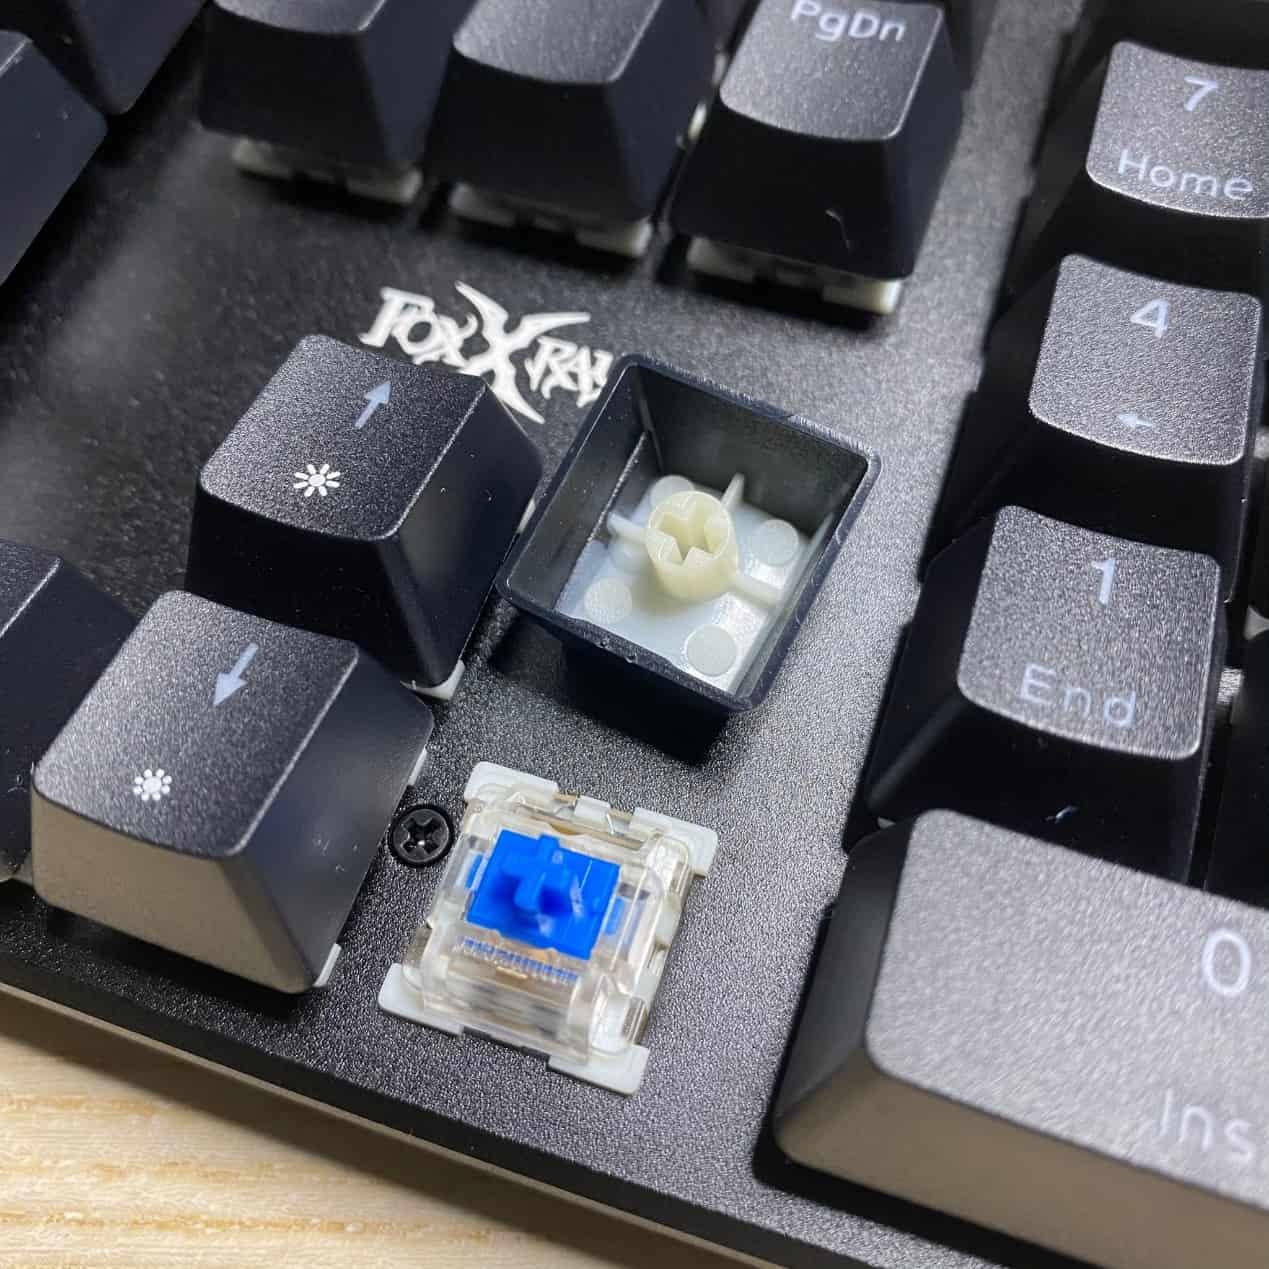 FXR-HKM-61旋音戰狐機械電競鍵盤-鍵帽好拔取